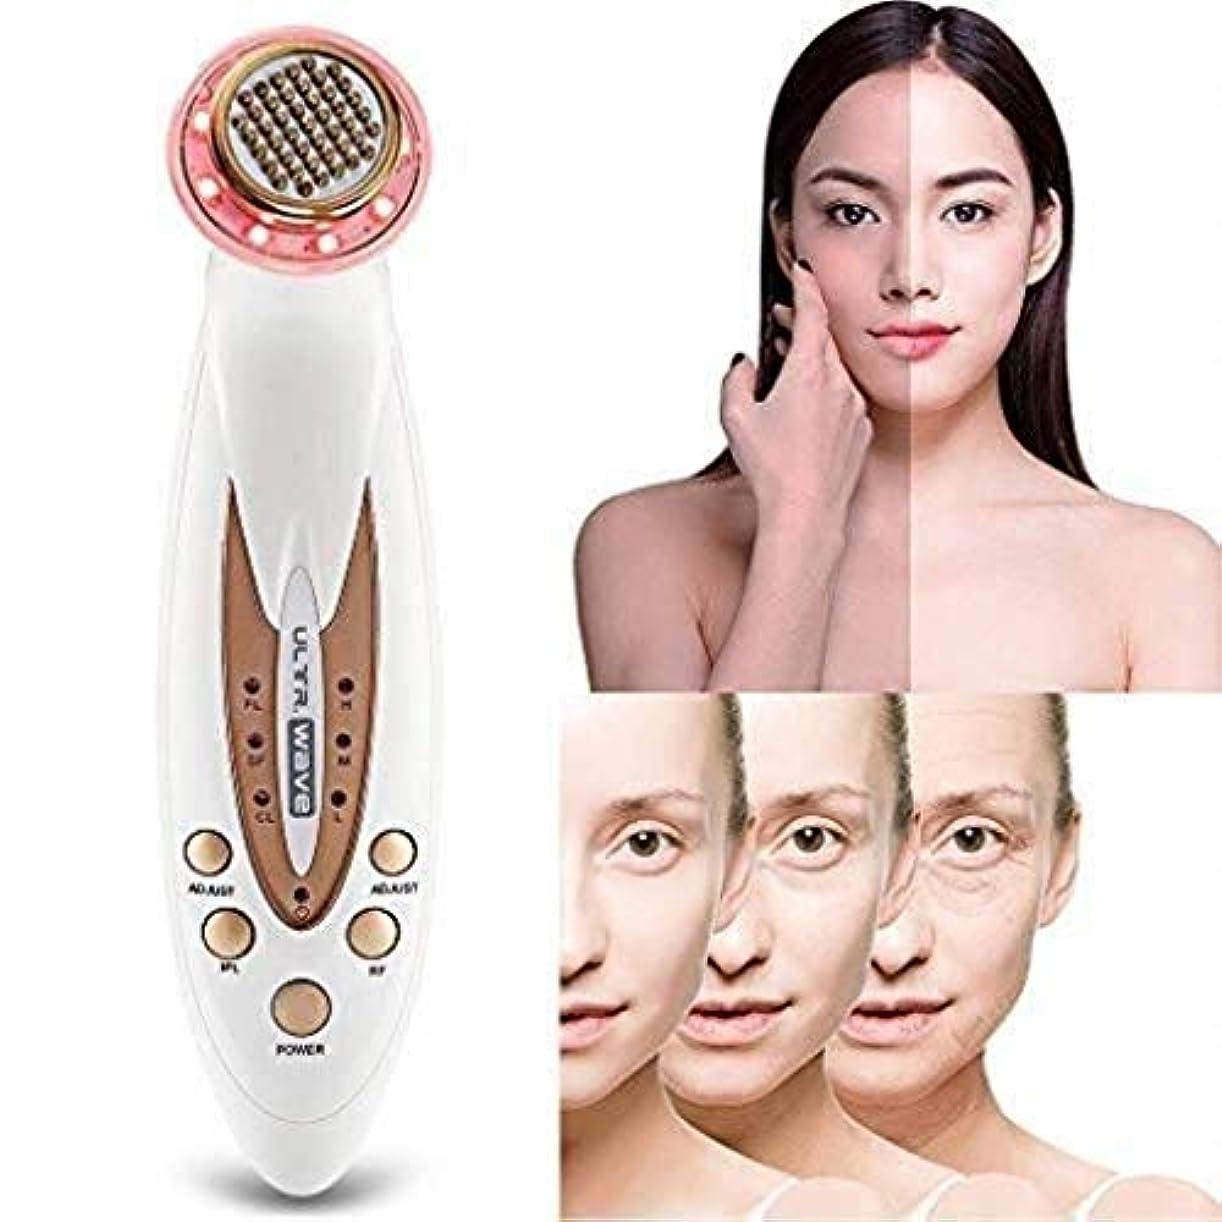 アッパーローズ歯科の顔の美容マッサージ器、ポータブルアンチエイジング肌の若返りデバイス、しわ/アンチエイジング/ファーミングスキン